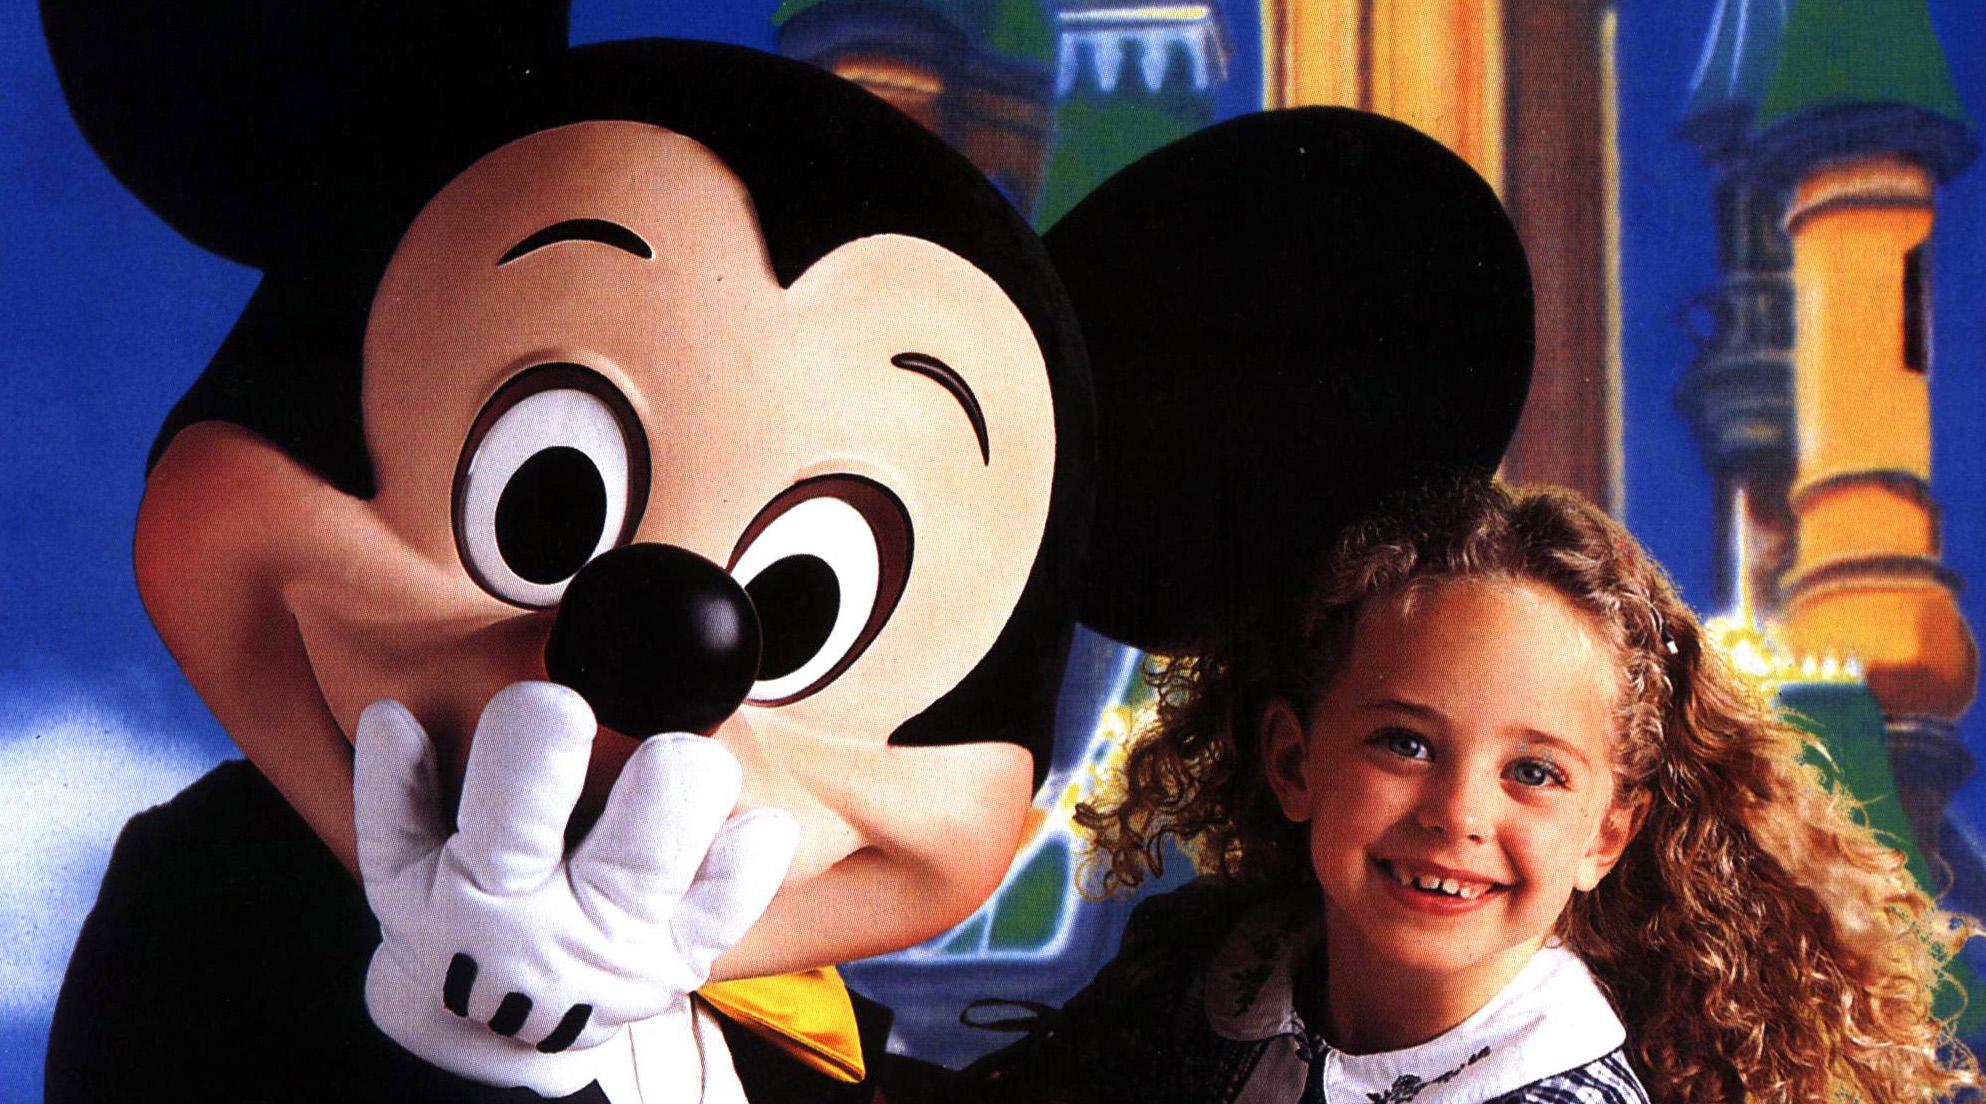 Gremo na izlet v Disneyland?